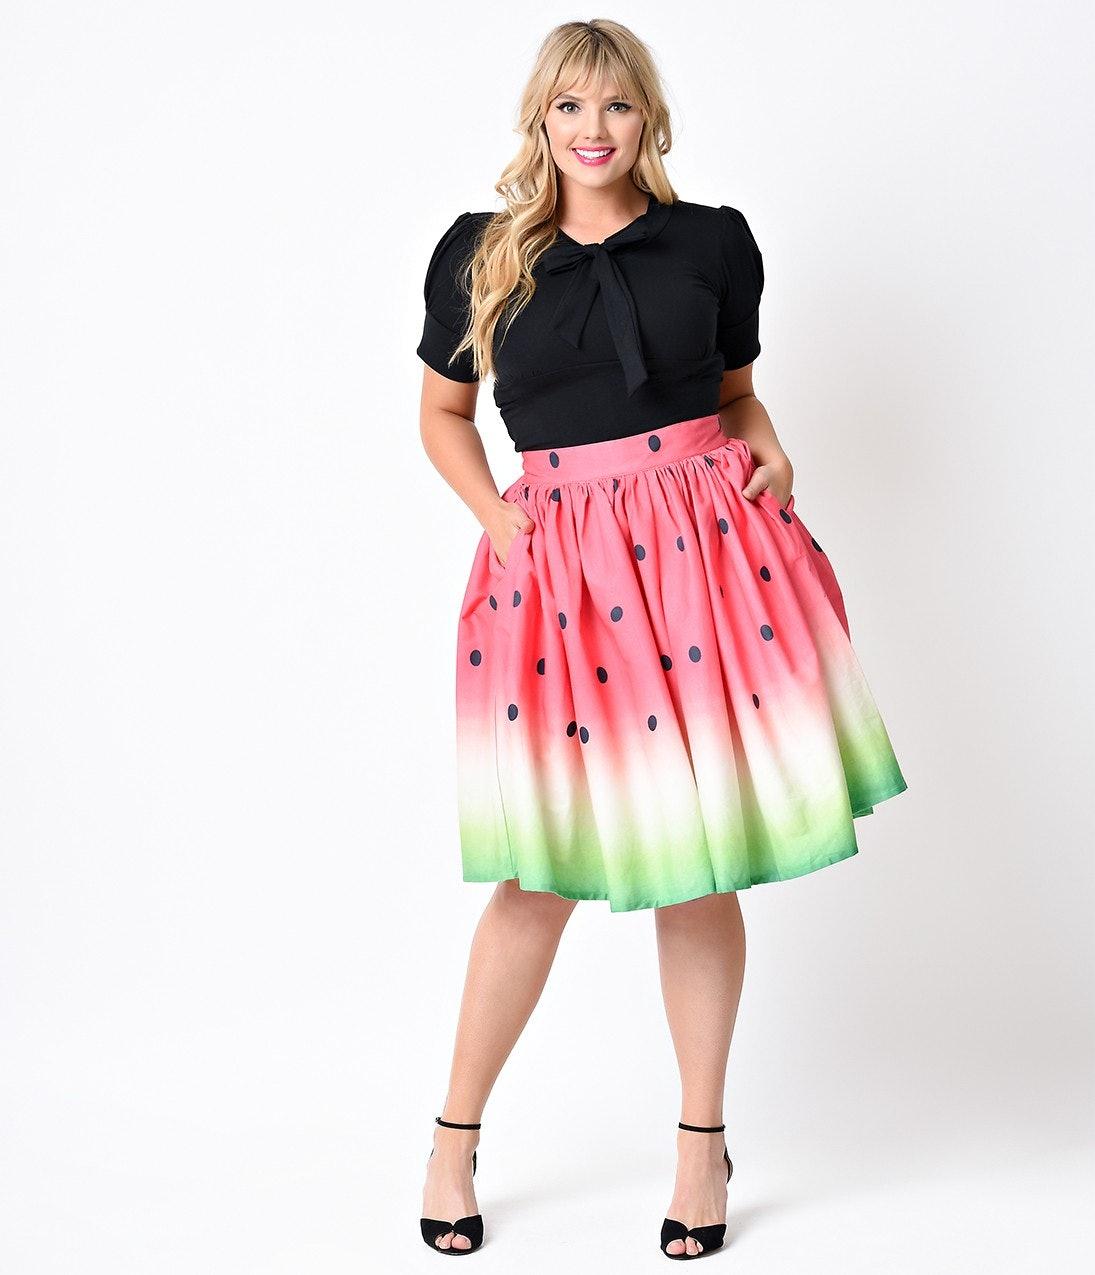 c3dc7df6ce6 57 2016 Plus Size Spring Clothes You Should Shop